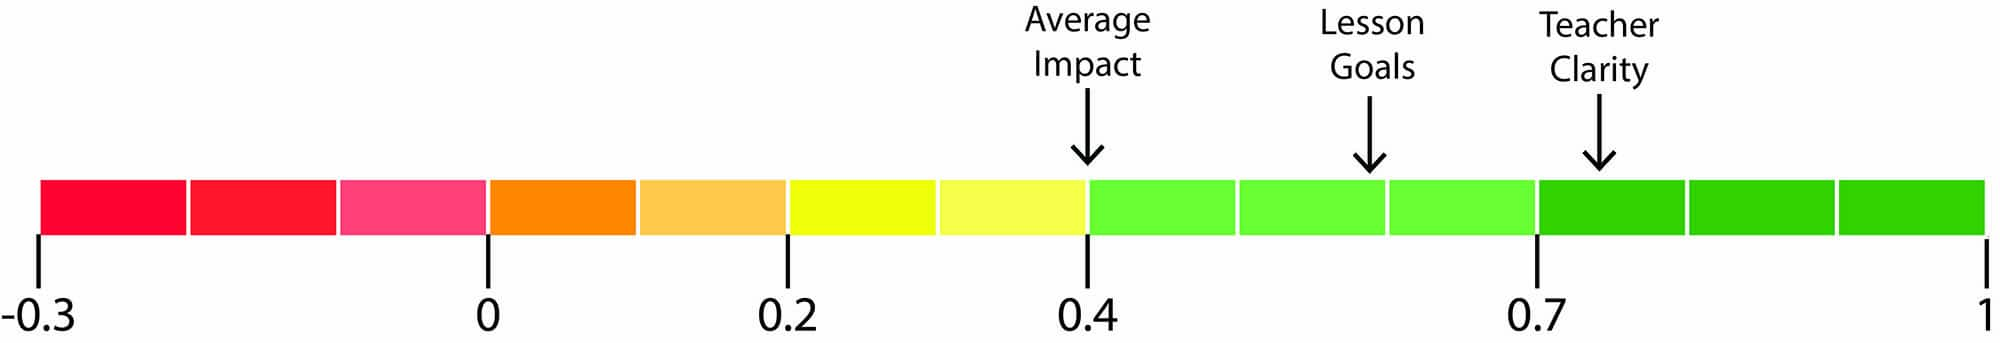 lesson goals impact diagram